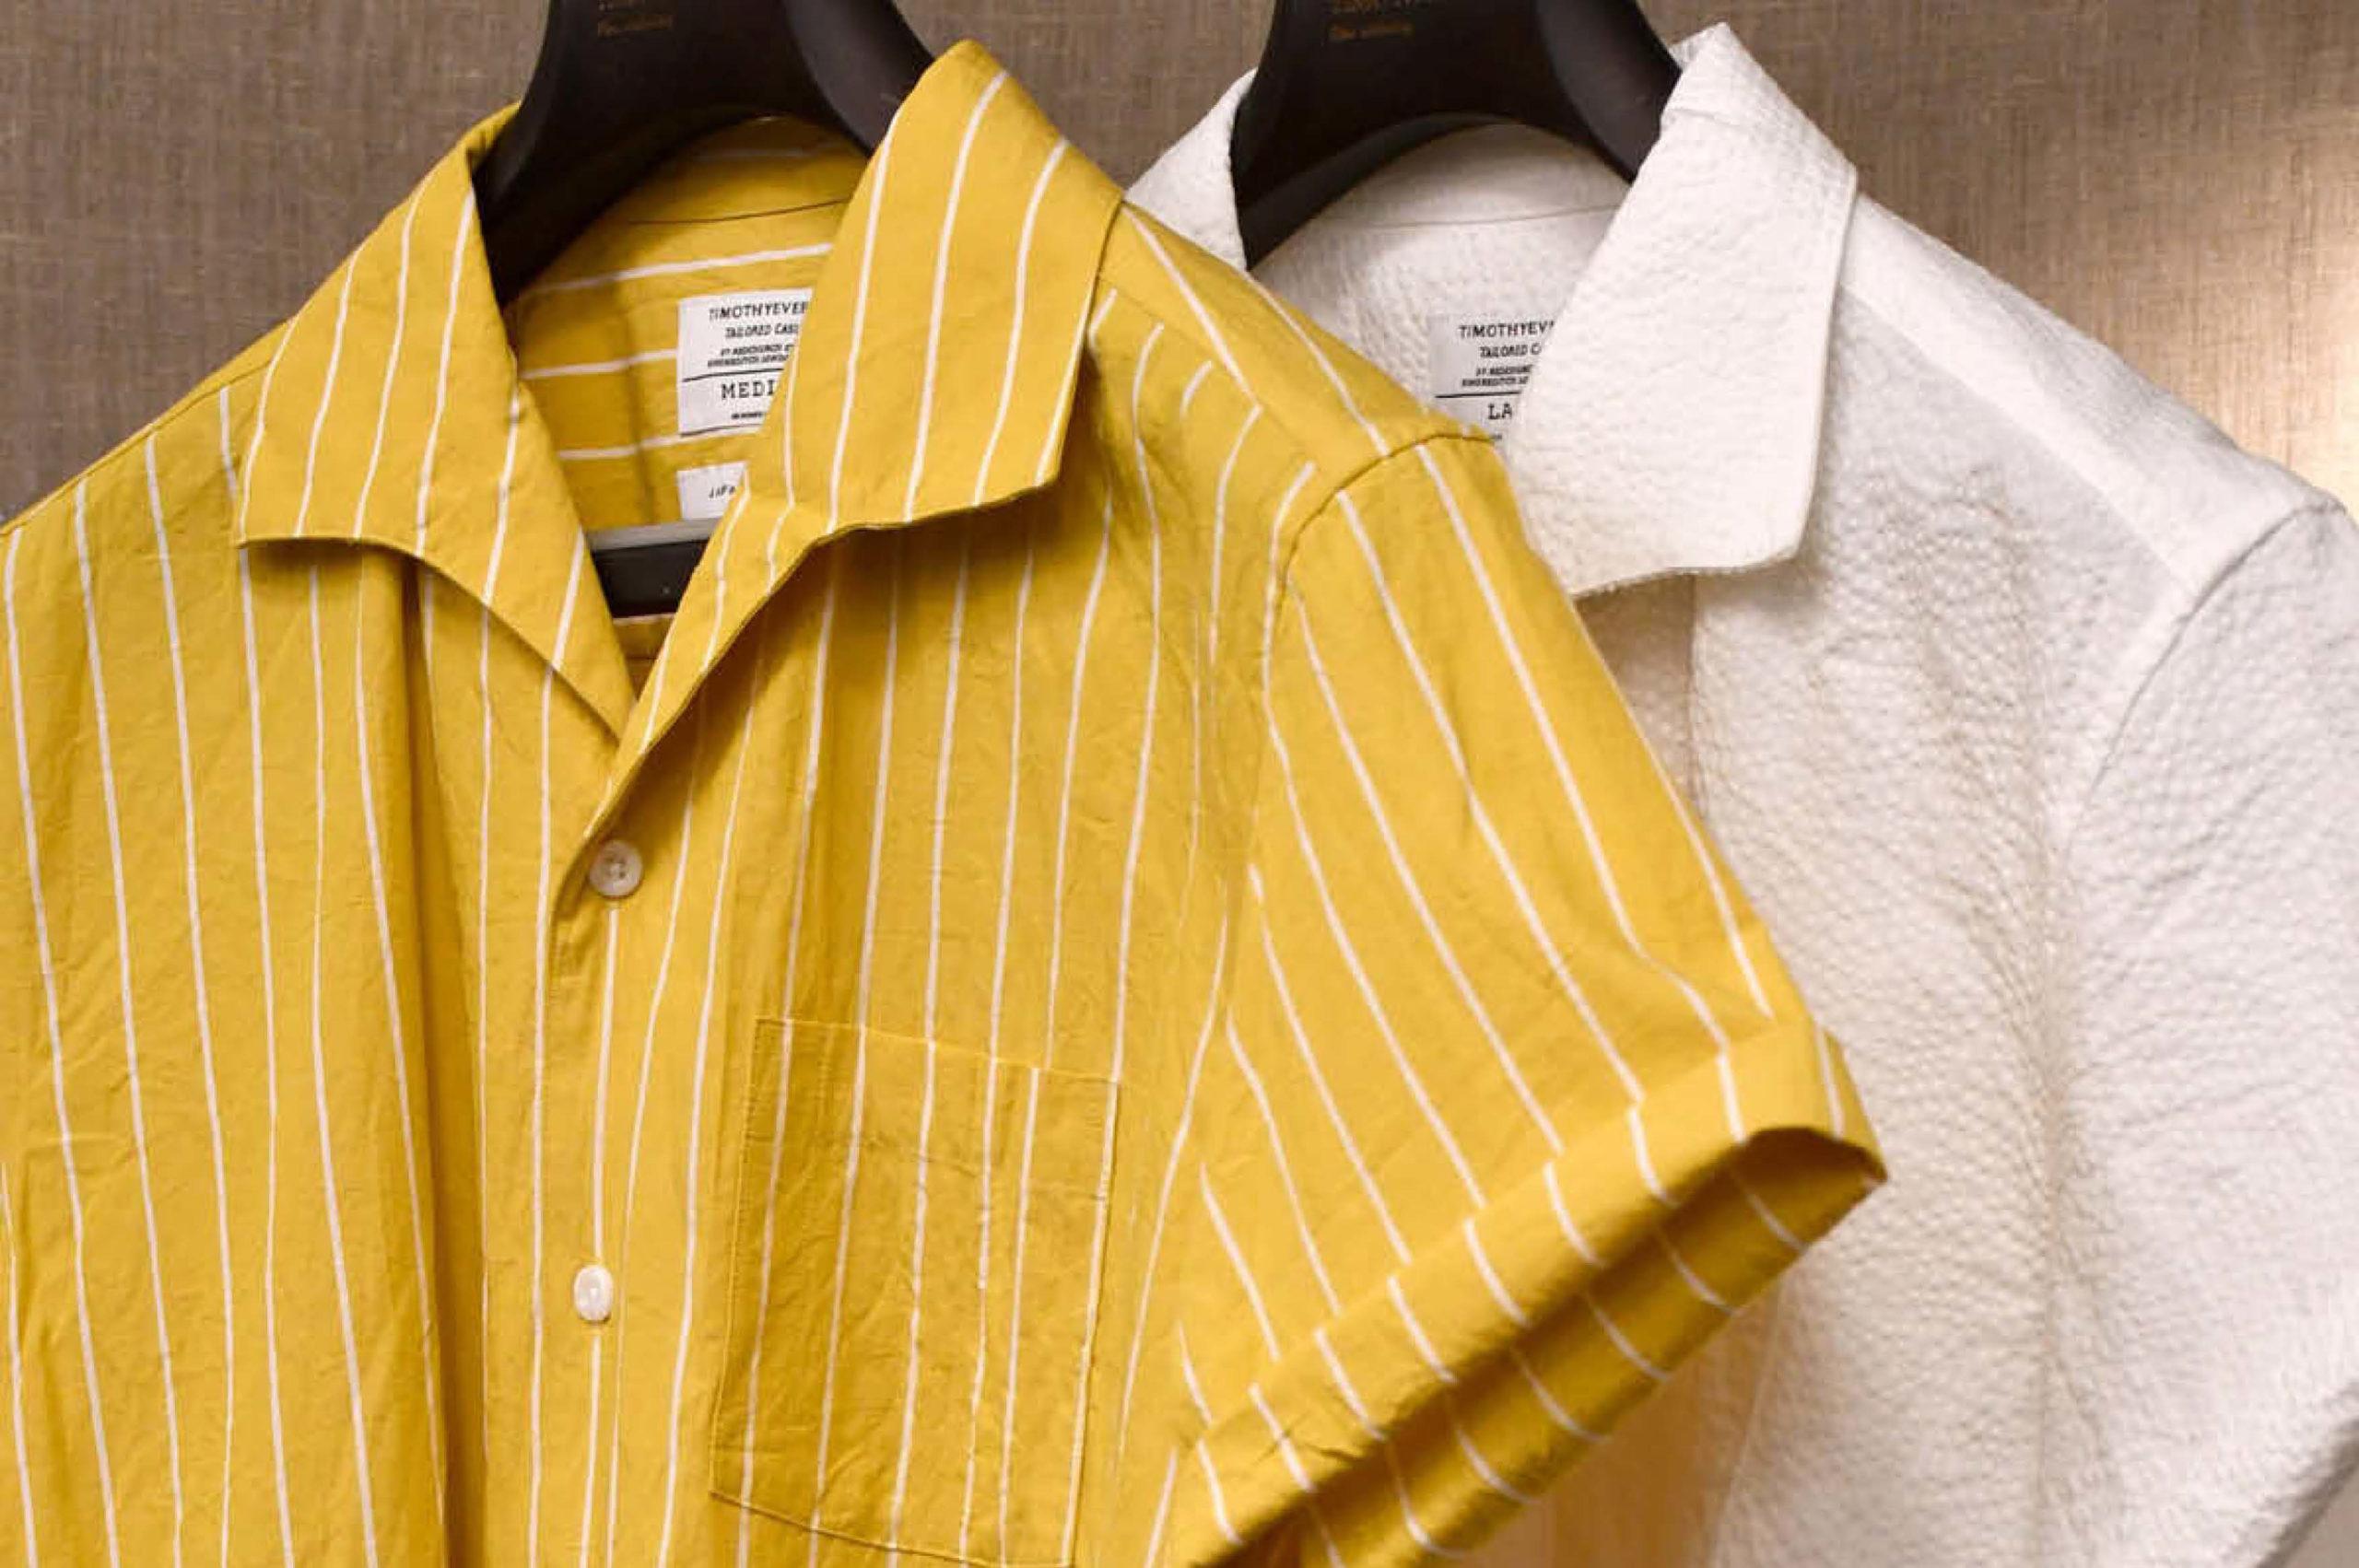 Timothy Everest One Piece Cuban Collar Shirt